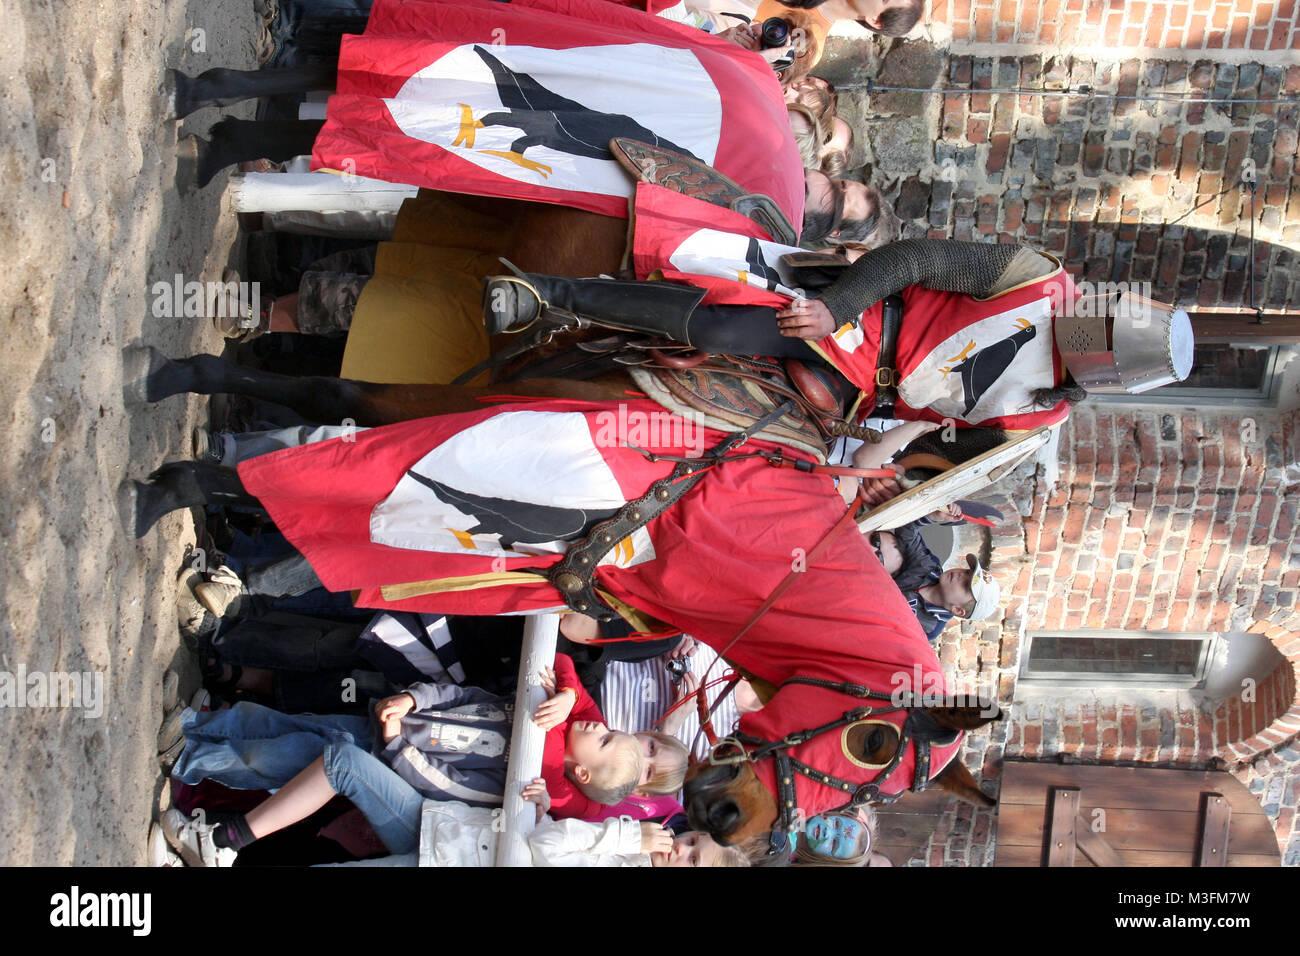 15. Ritterfestspiele zu Ostern vom 10. bis 13. April auf Burg Rabenstein im Hohen Flaeming, Osterspektaculum, Mittelalter, - Stock Image